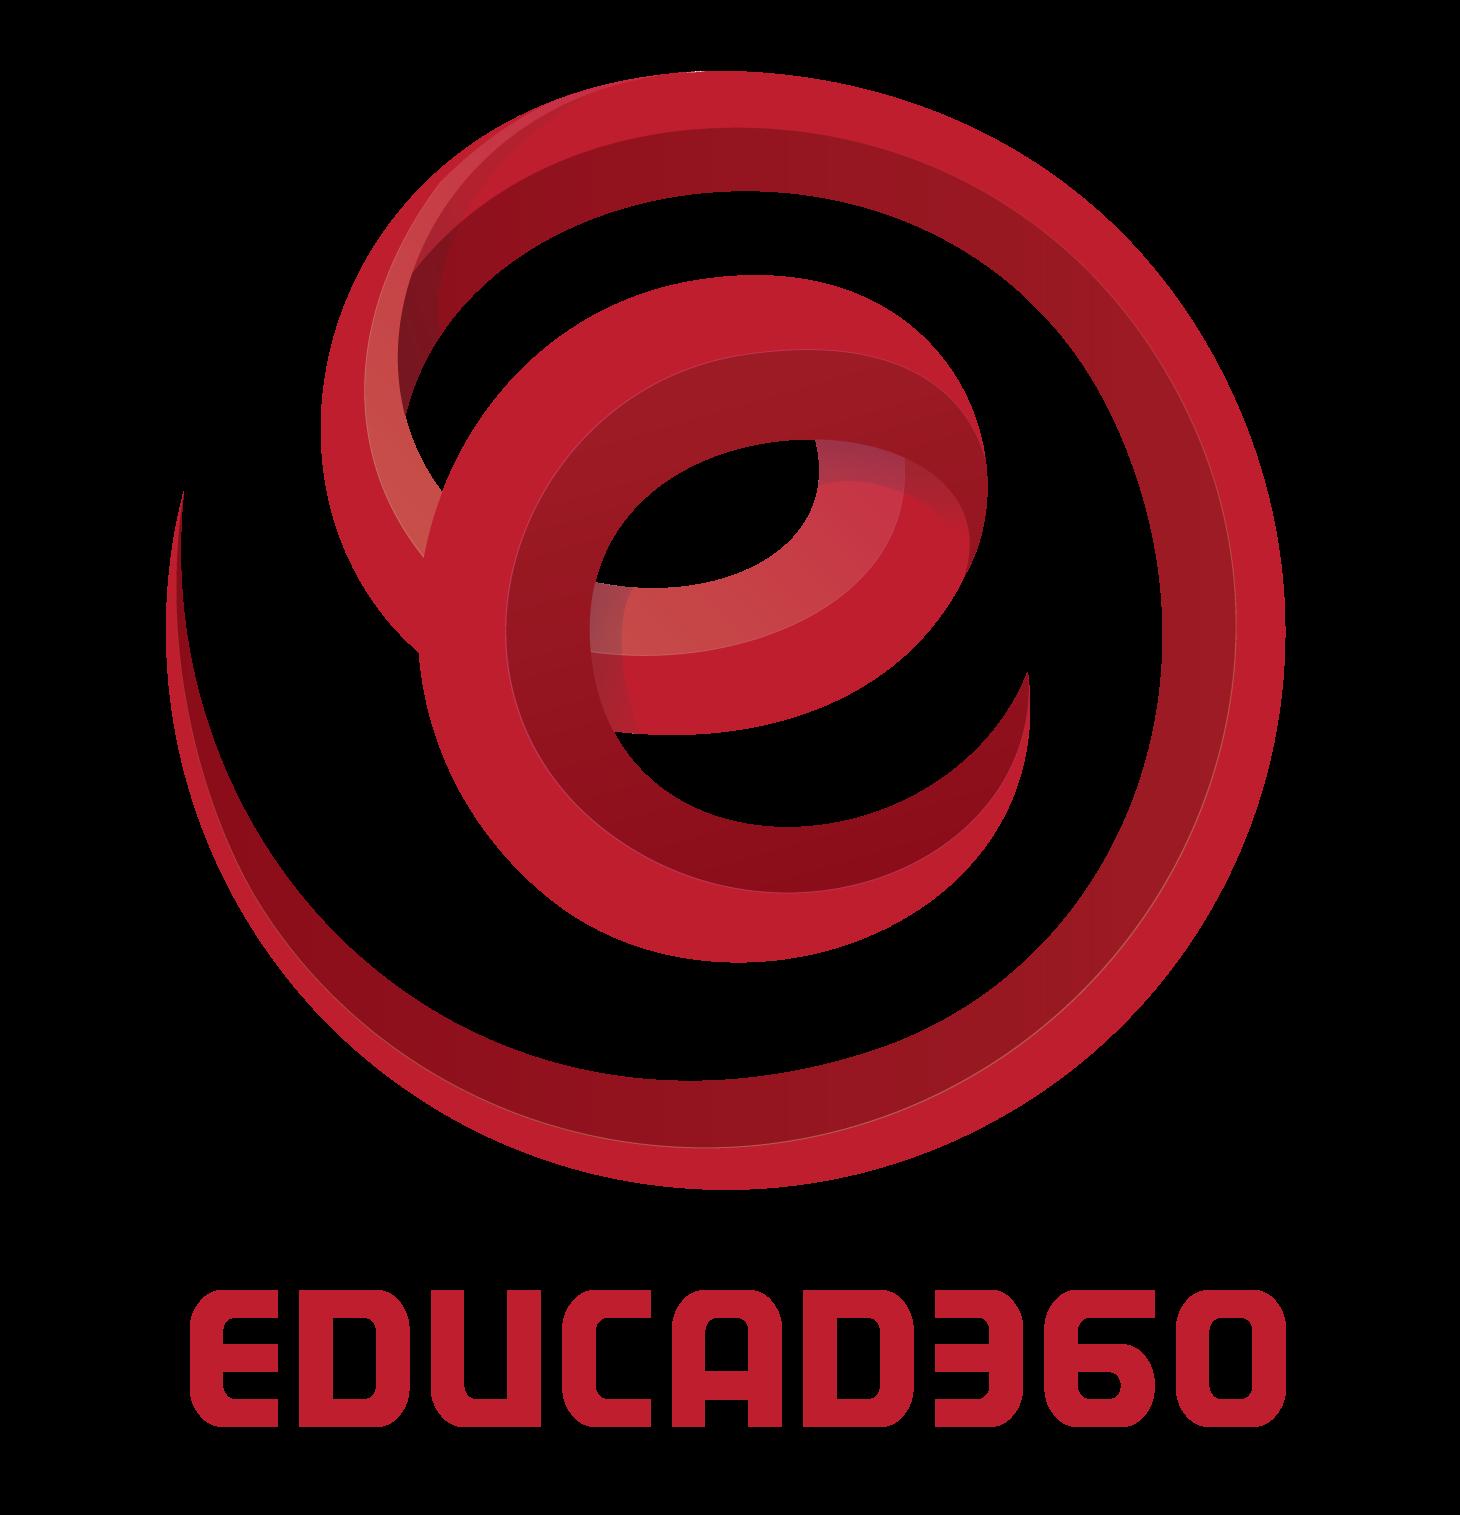 Educad360